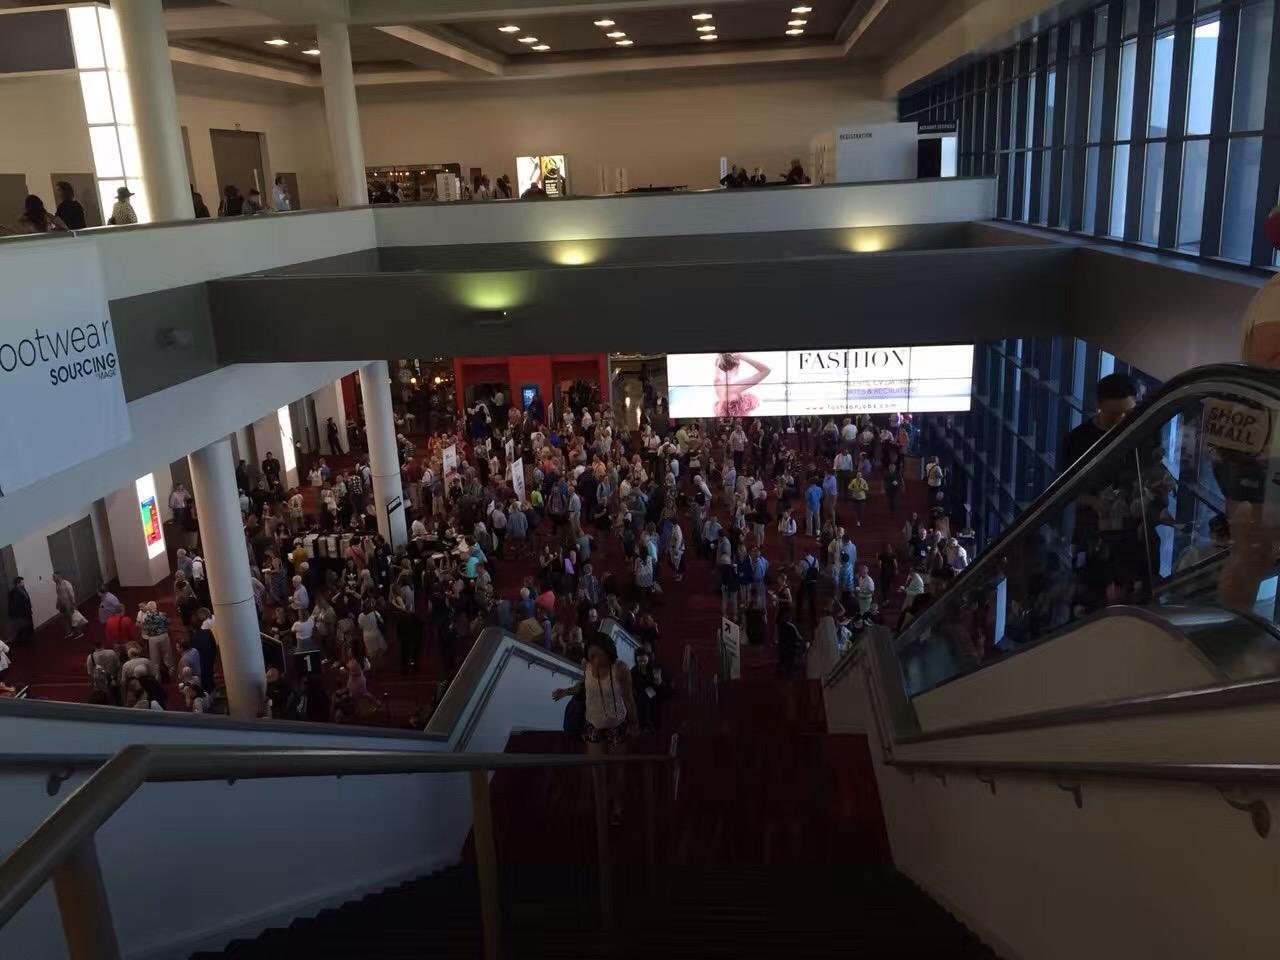 2017美国拉斯维加斯秋季国际服装及面料展览会